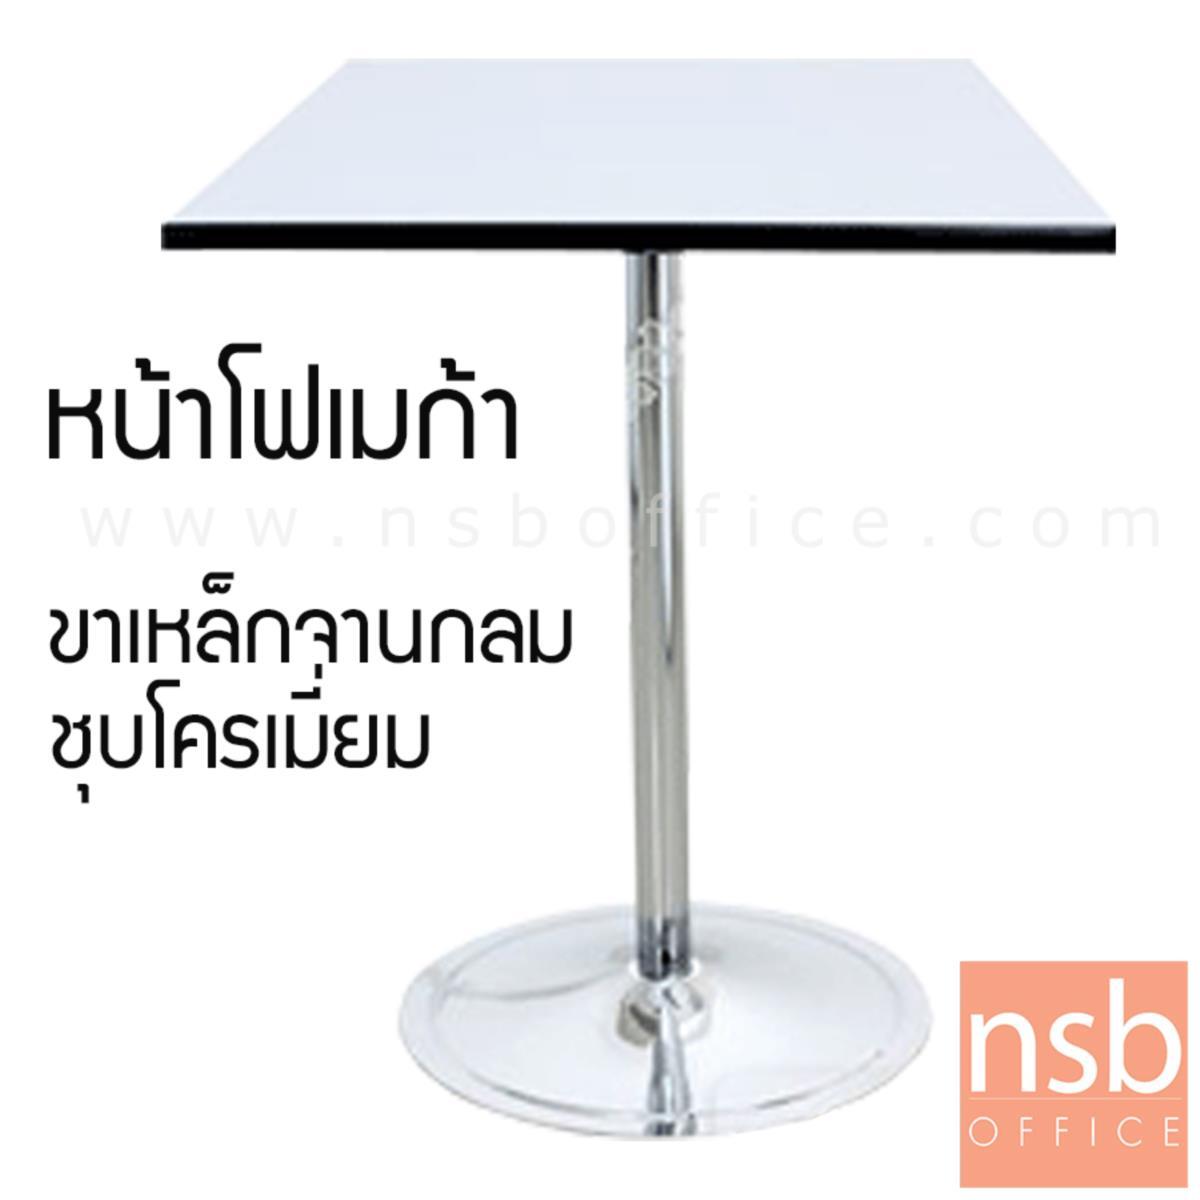 A07A003:โต๊ะหน้าโฟเมก้าขาว  ขนาด 60W ,75W ,60Di ,75Di cm. ขาเหล็กโครเมี่ยมบฐานจาน ขาเหล็กจานกลมชุบโครเมี่ยม